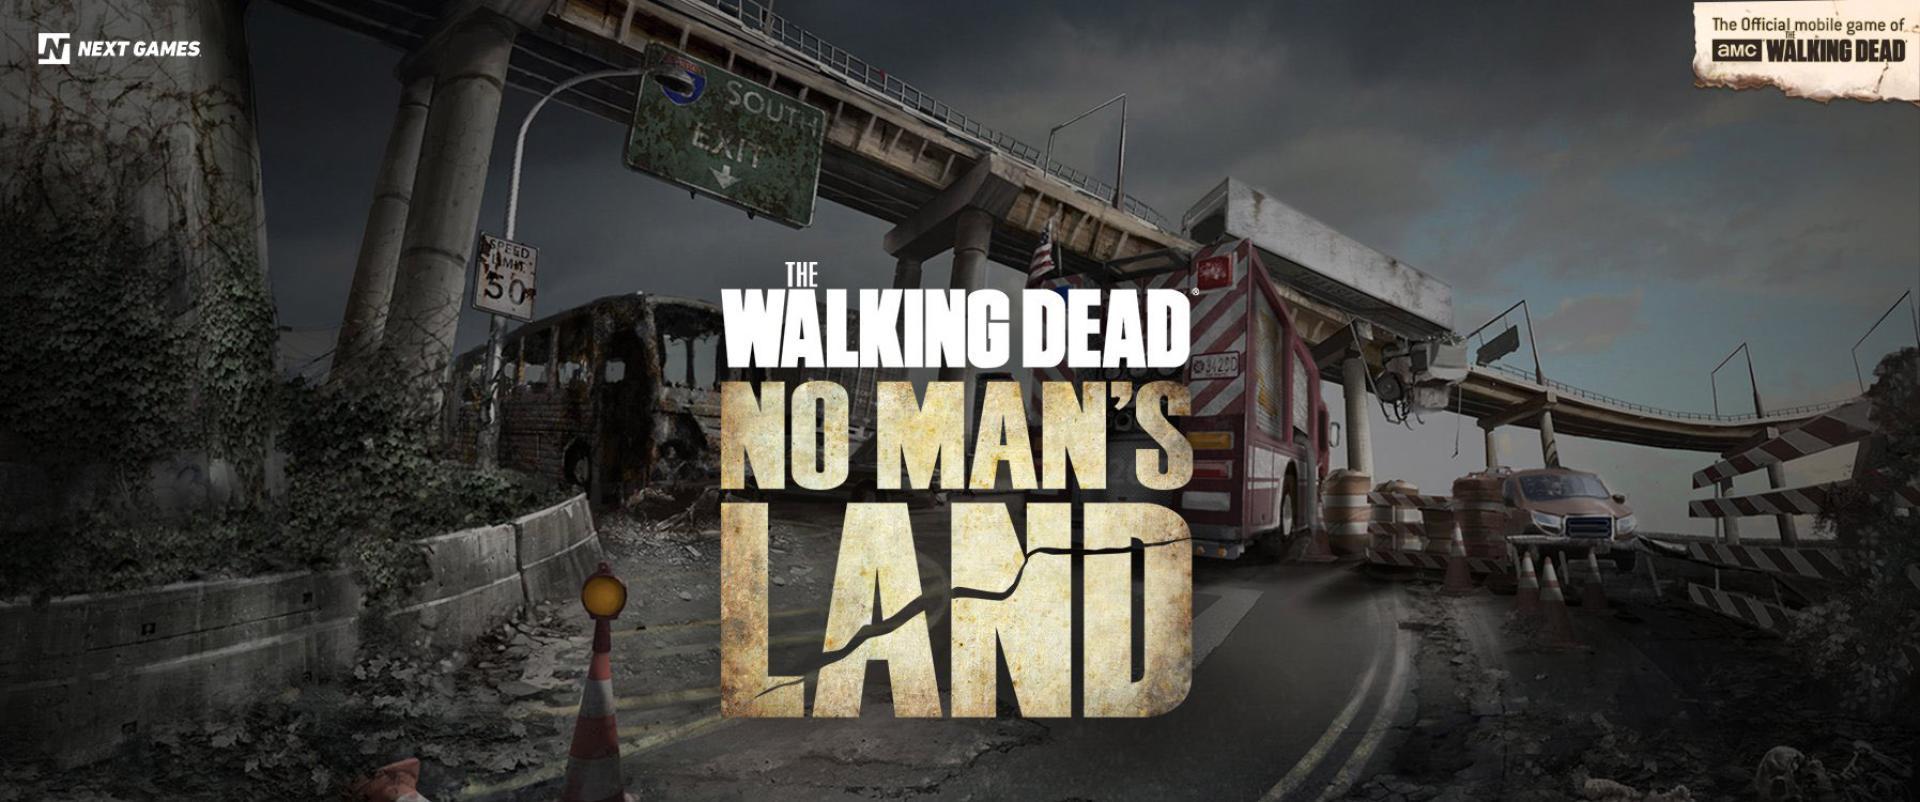 No Man's Land: itt a TWD-játék előzetese